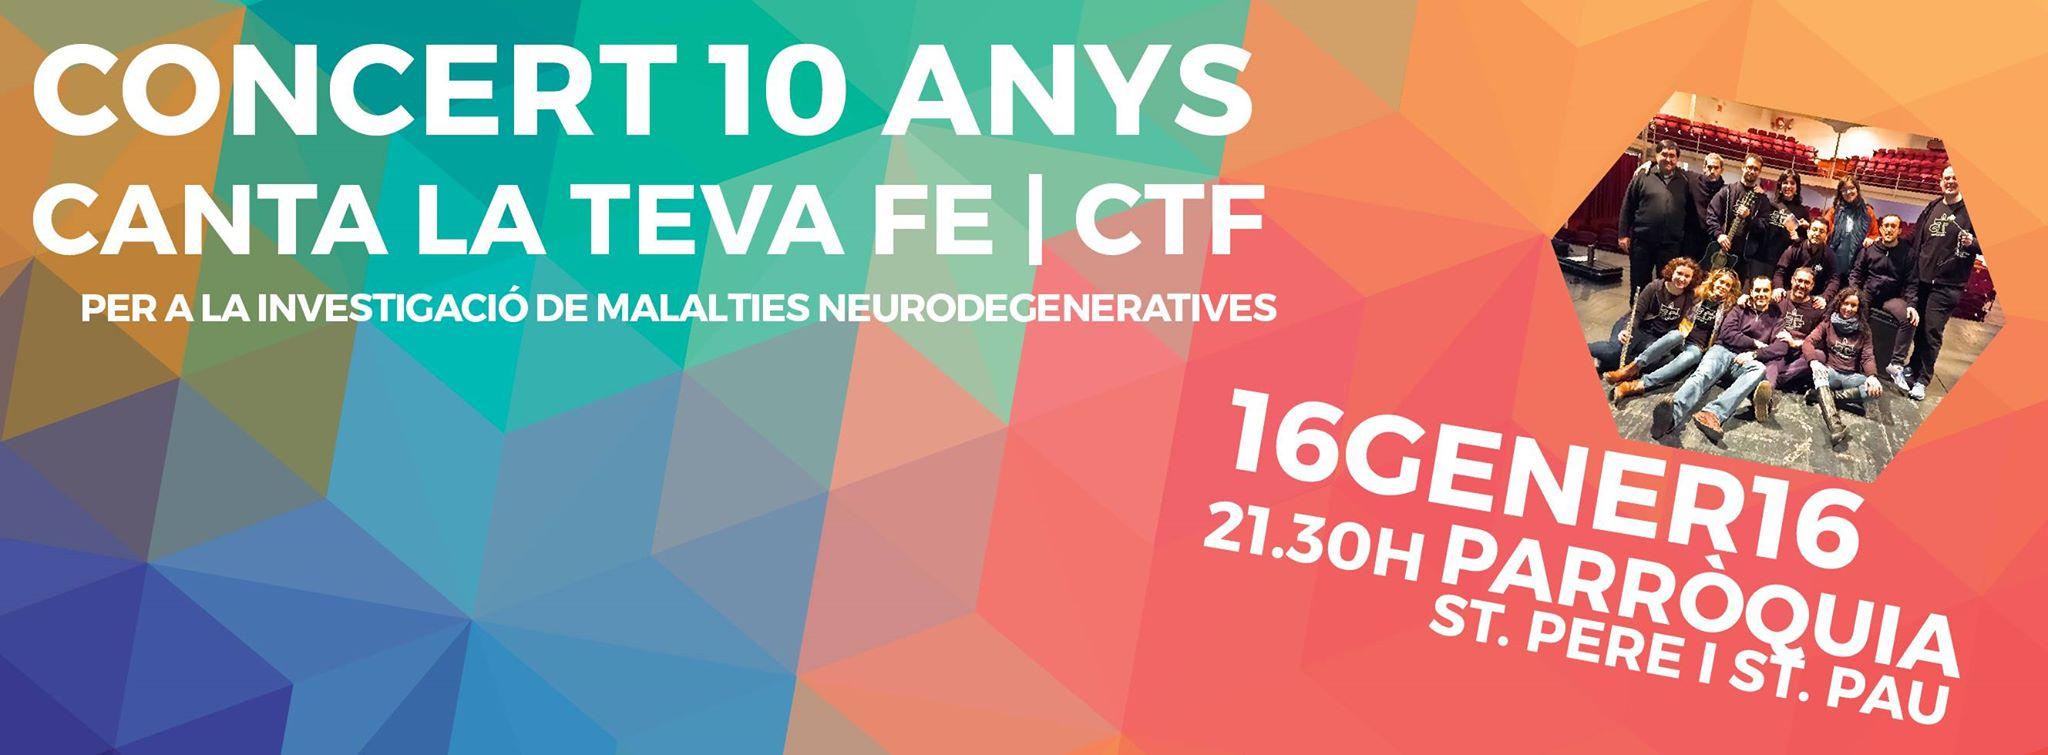 """Concert """"Canta la teva FE"""". Dissabte 16 gener, 21,30h"""